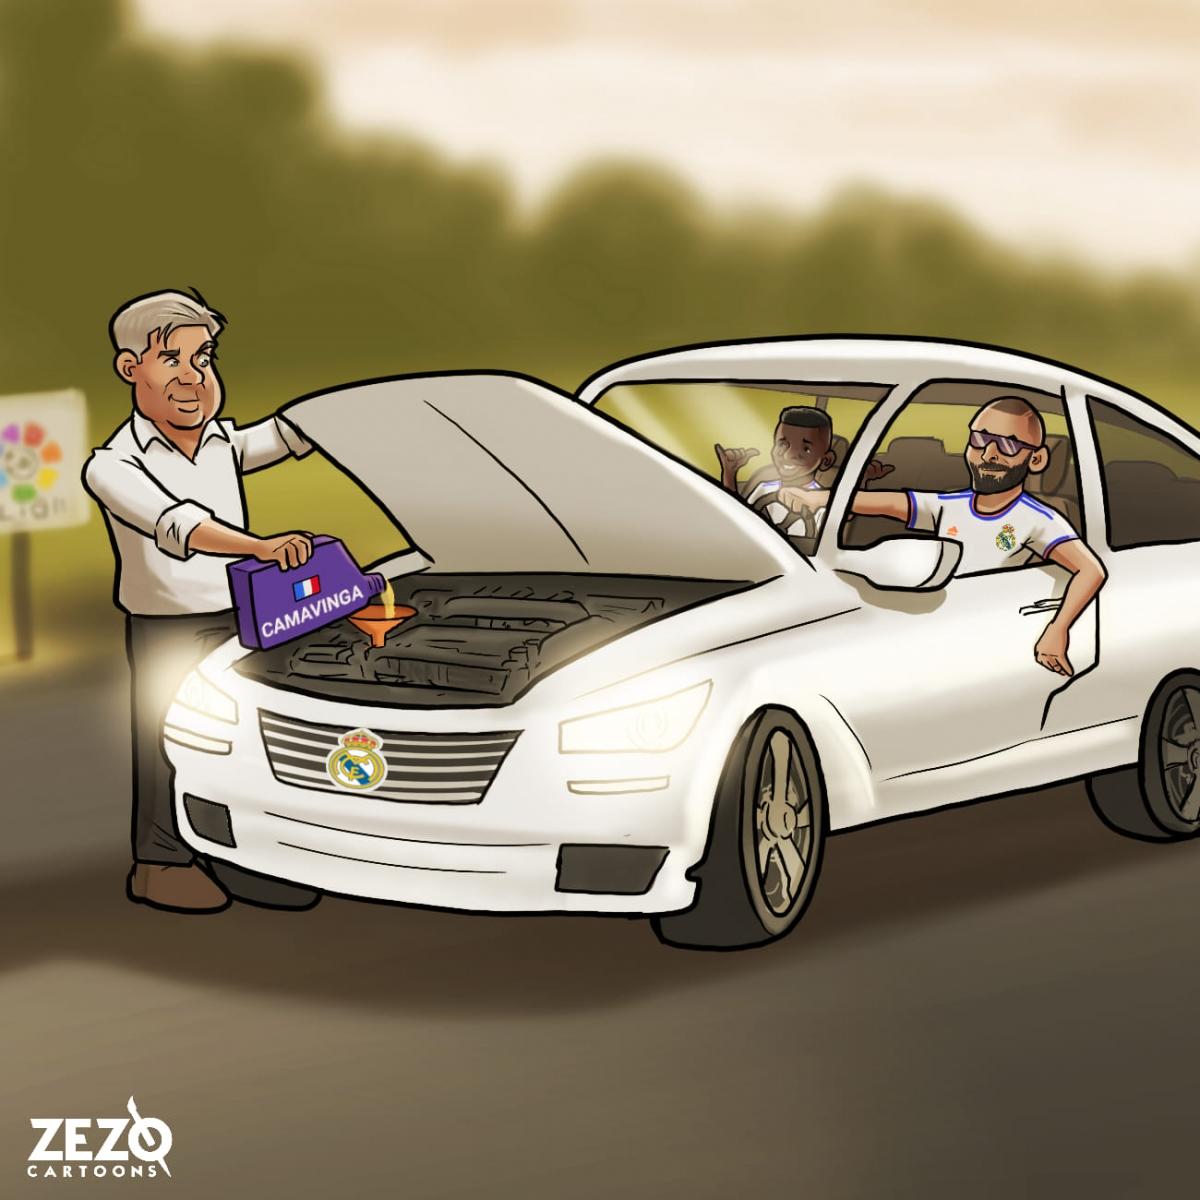 """HLV Ancelotti """"nâng cấp"""" thành công chiếc xe Real Madrid. (Ảnh: Zezo Cartoons)."""